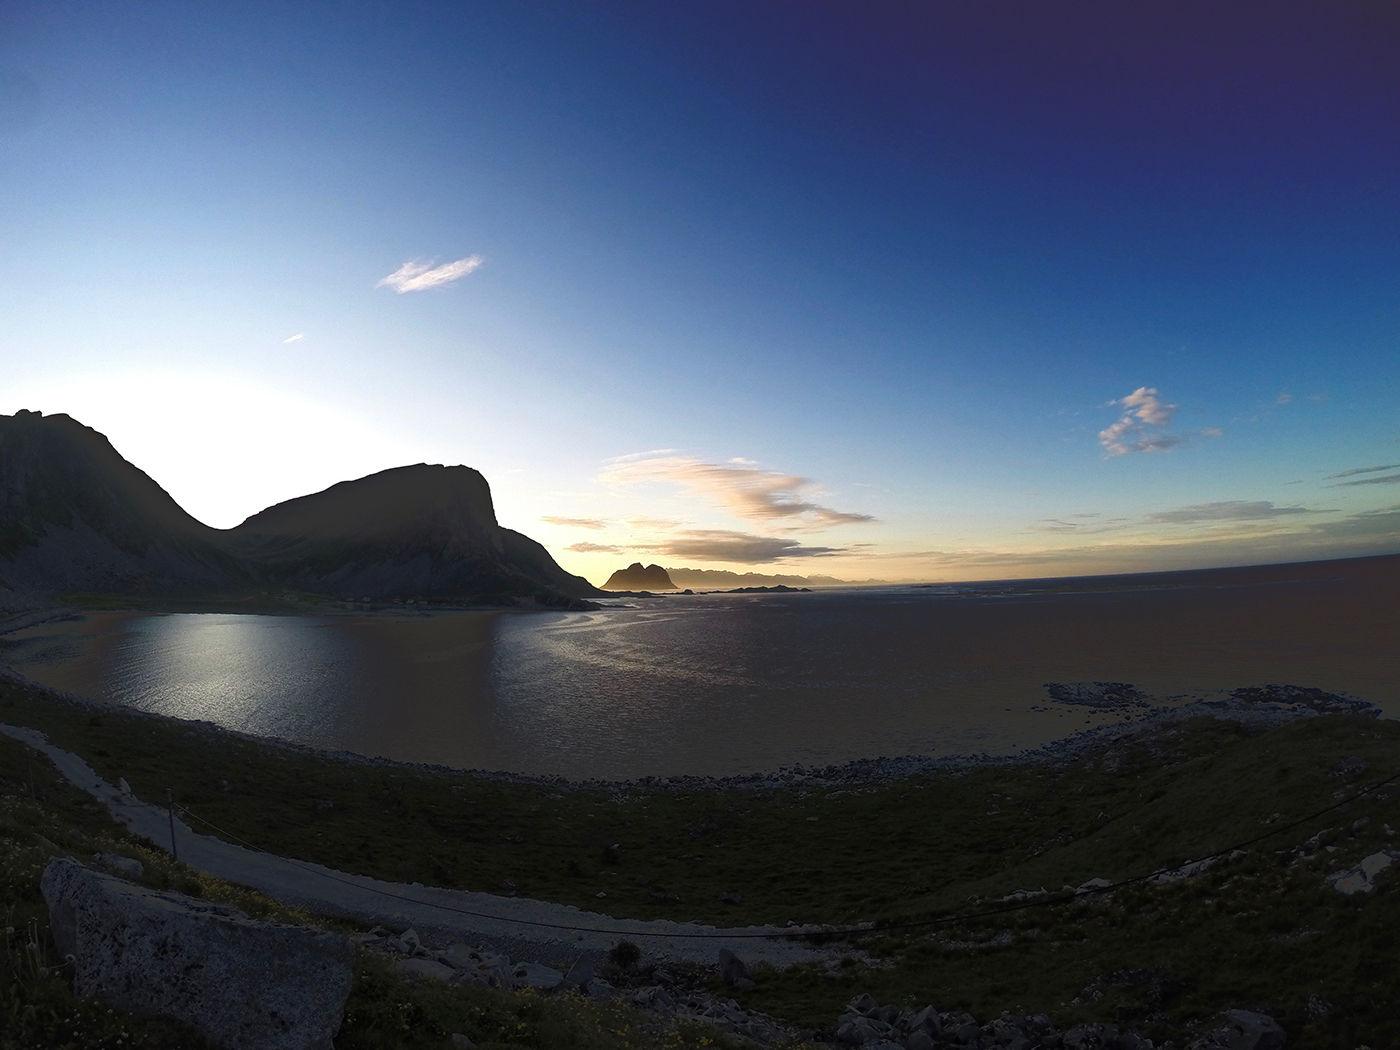 Lofoten fra yttersiden. Utsikten fra Værøy er magisk uansett hvor man står.